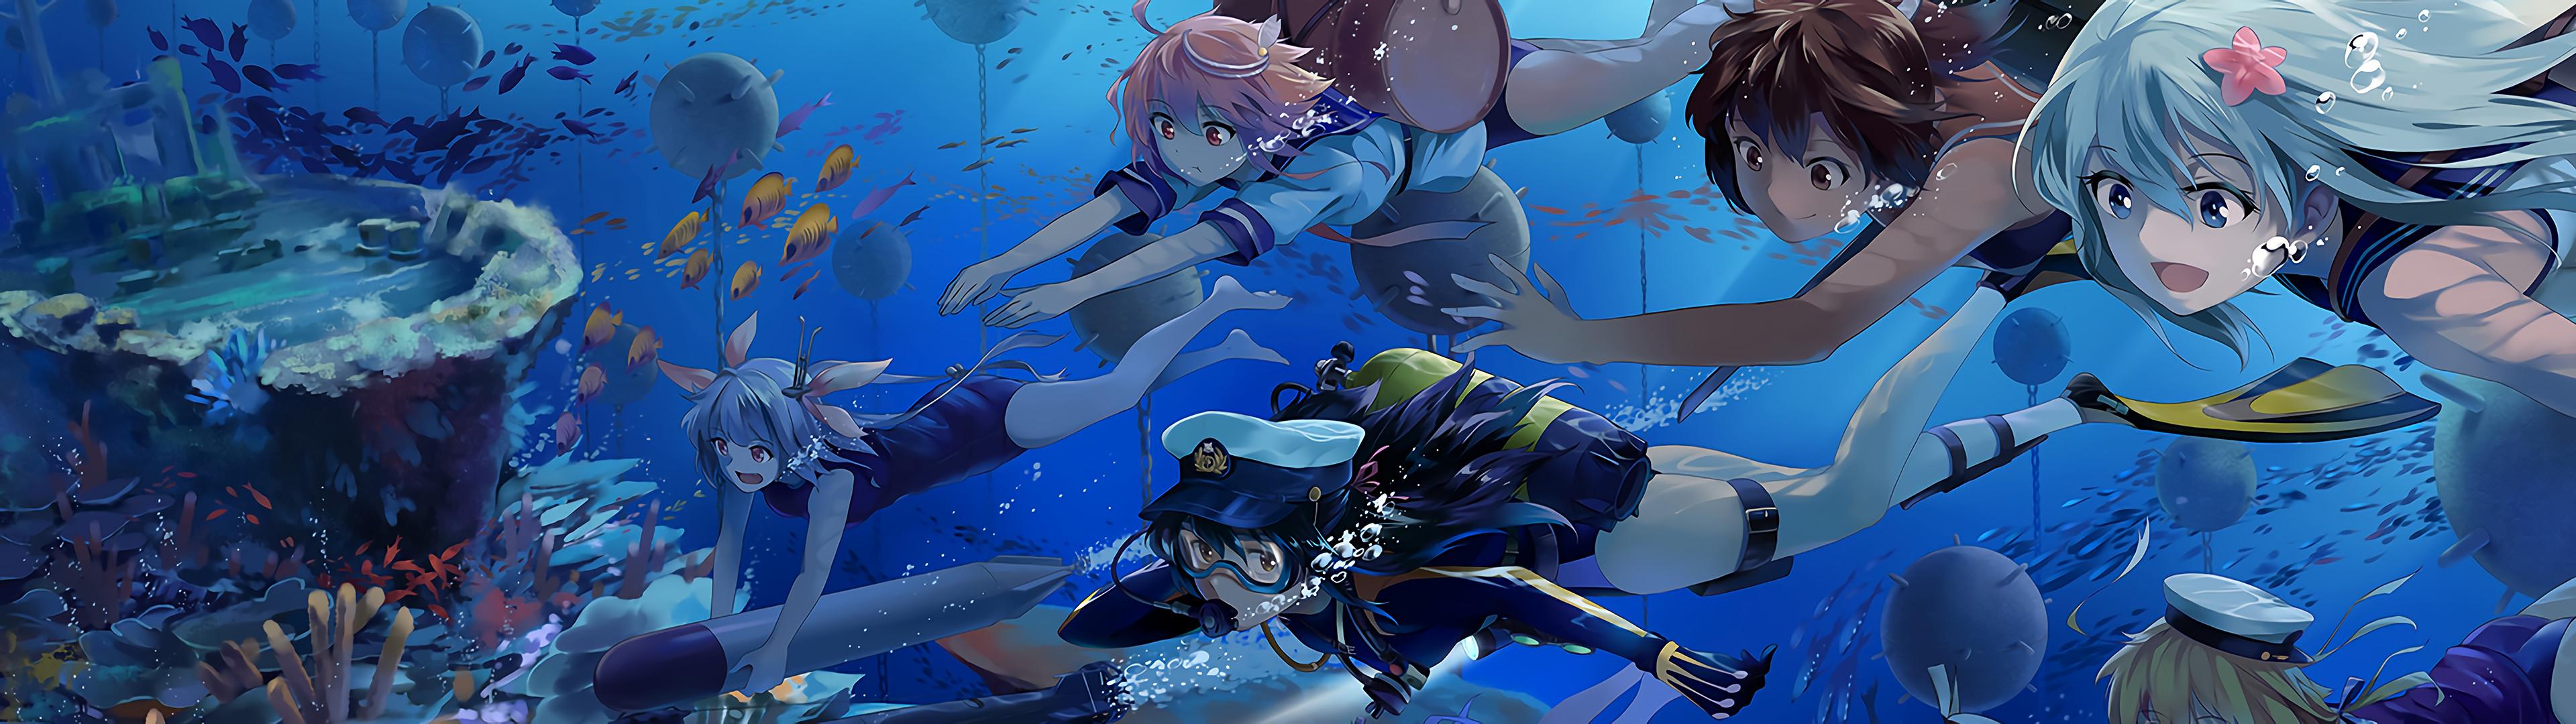 [3840×1080] Anime wallpaper – Album on Imgur